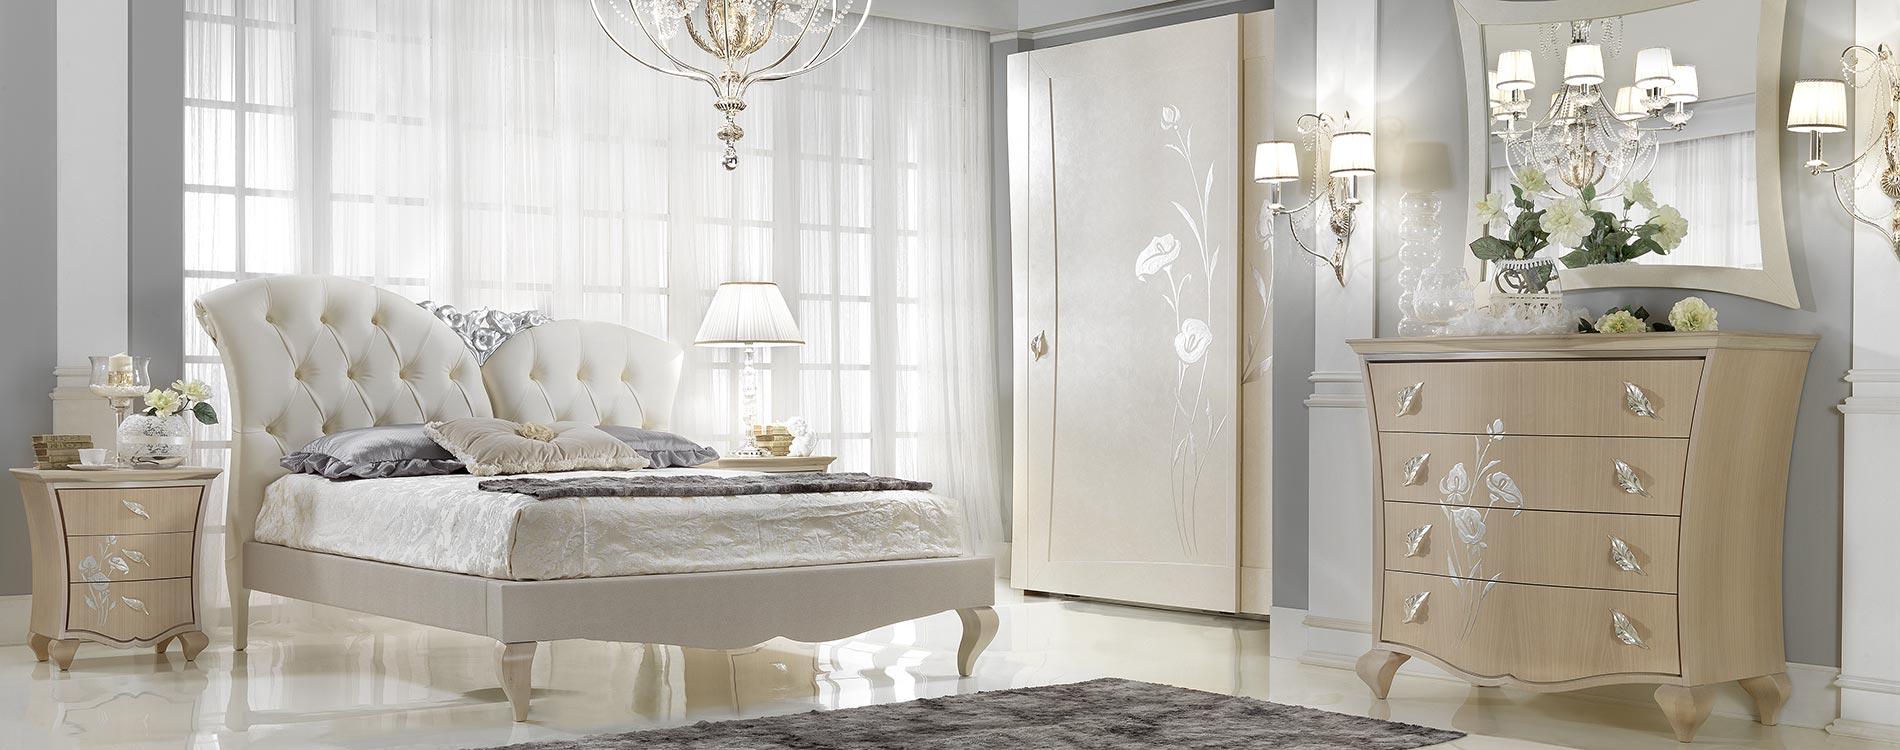 Nuovo Arredo Camere Matrimoniali.Mobilificio Europa Mobili Ed Arredamenti Classici E Moderni